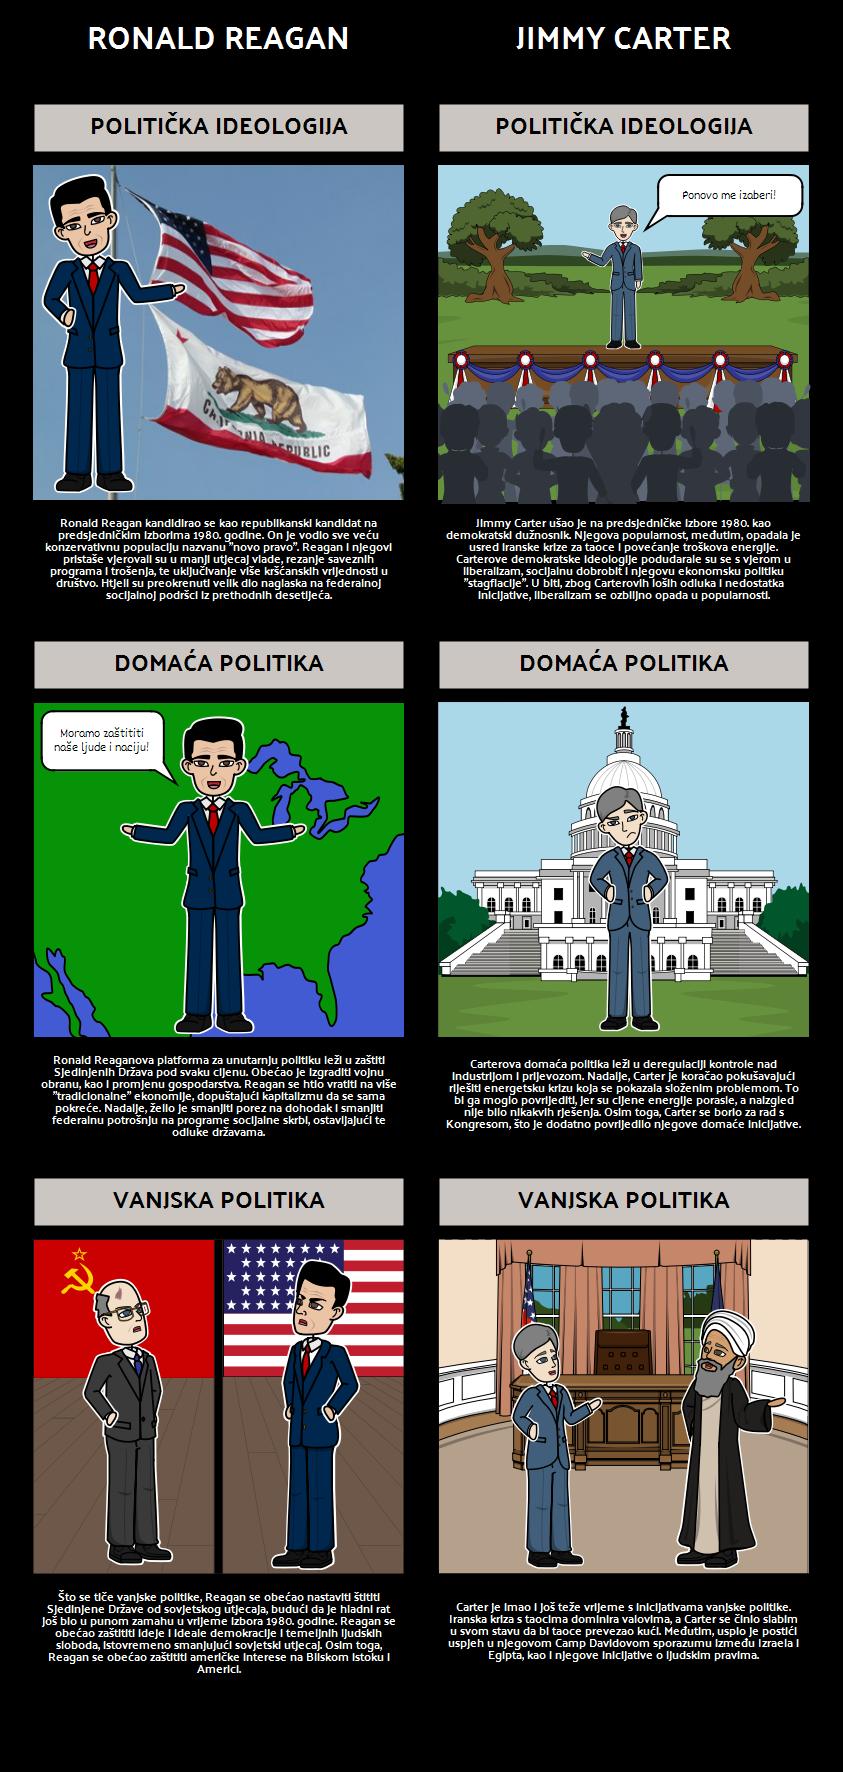 Predsjedništvo Ronalda Reagana - Izbor 1980